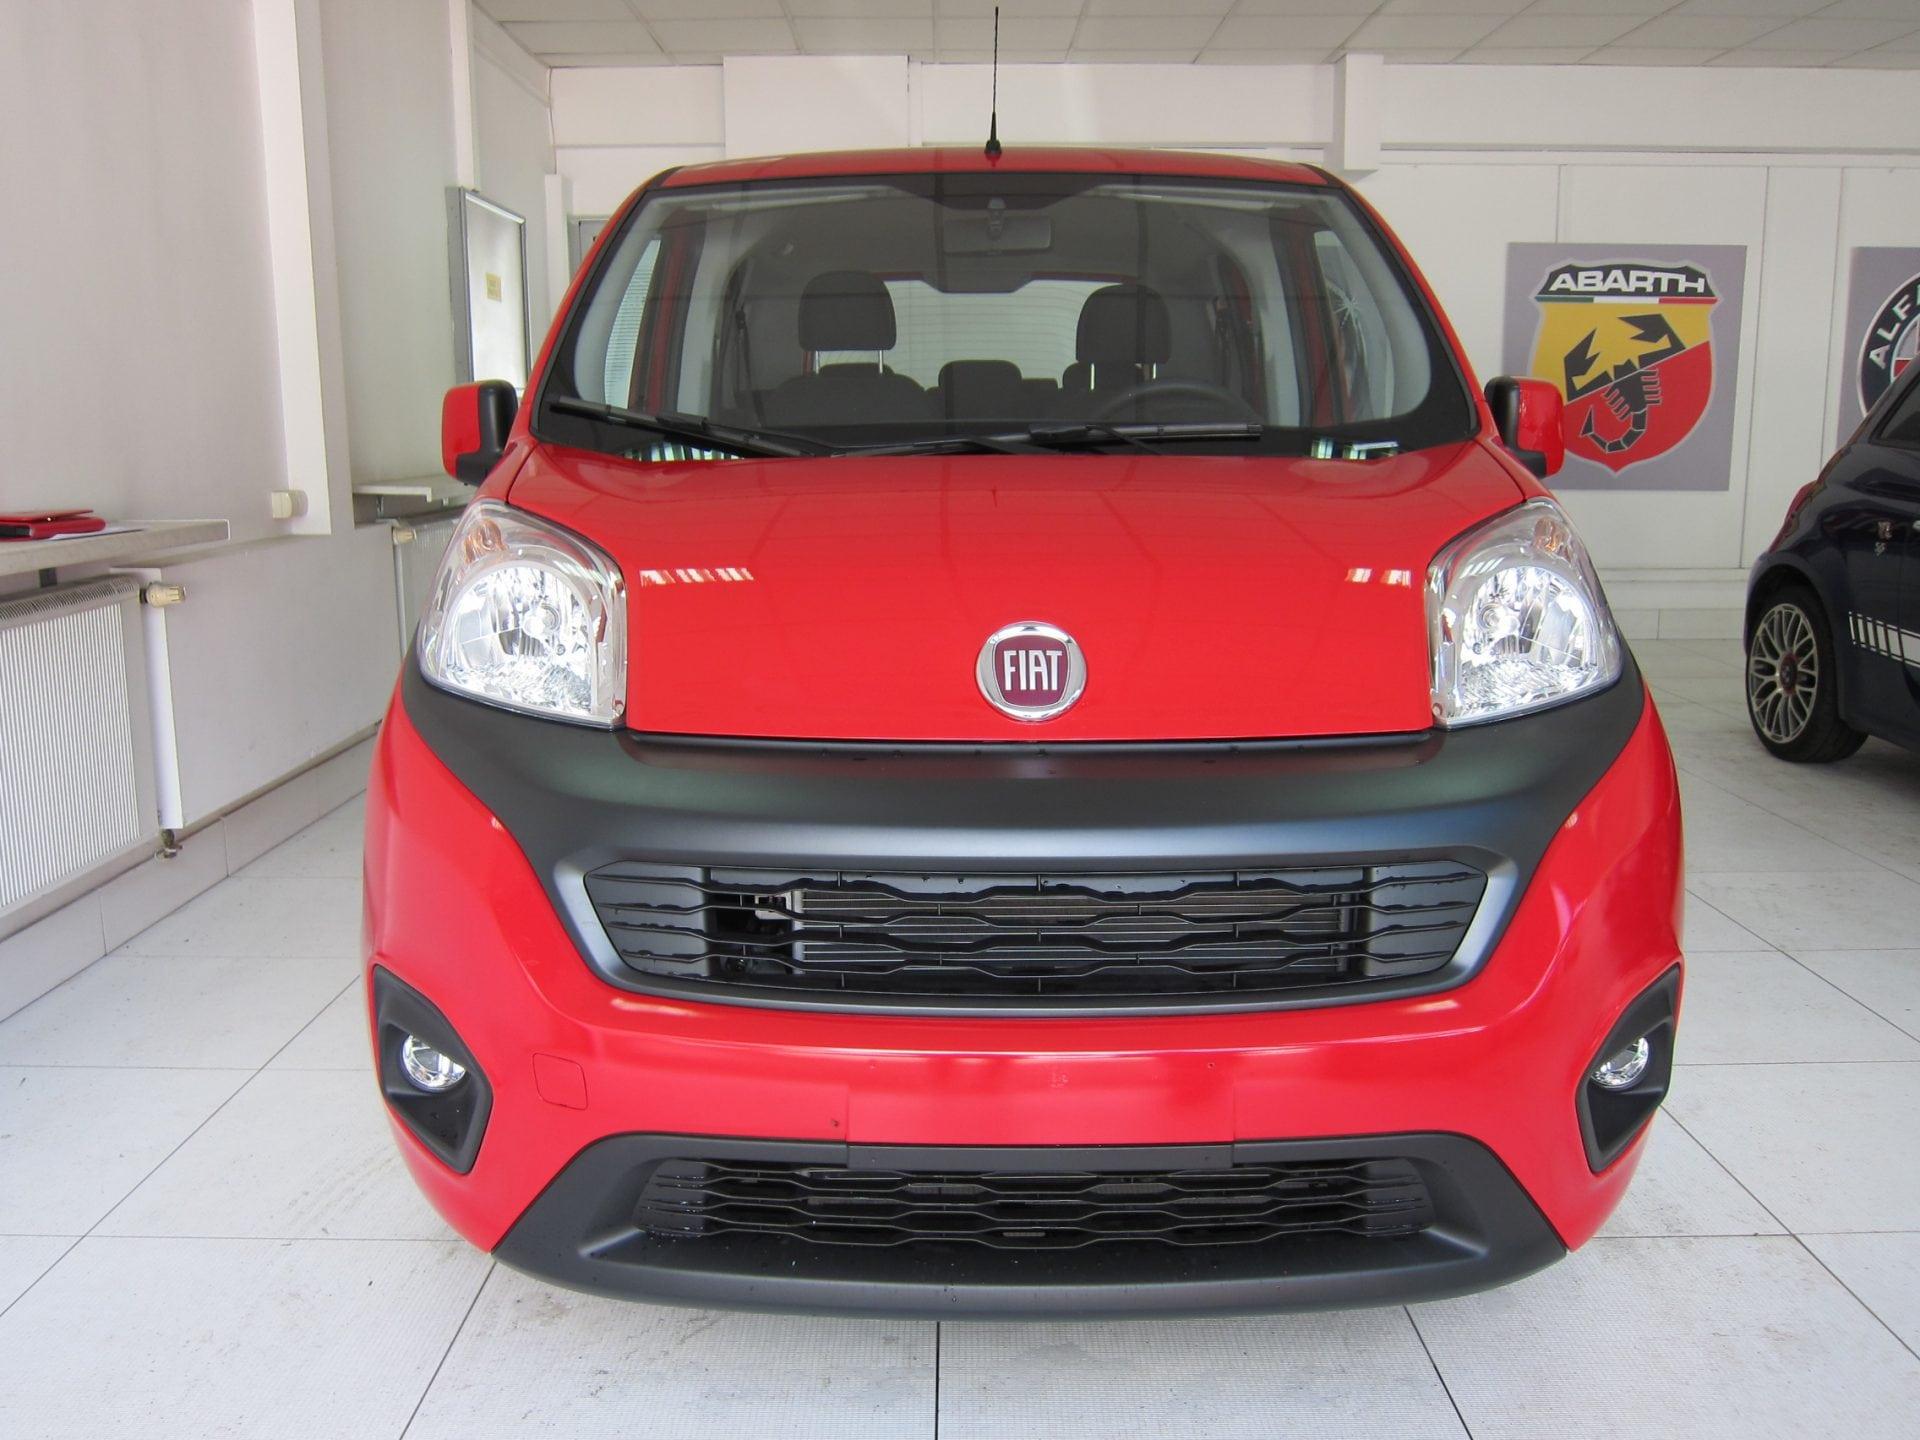 Fiat Qubo: wyjątkowy kombivan dla całej rodziny 7